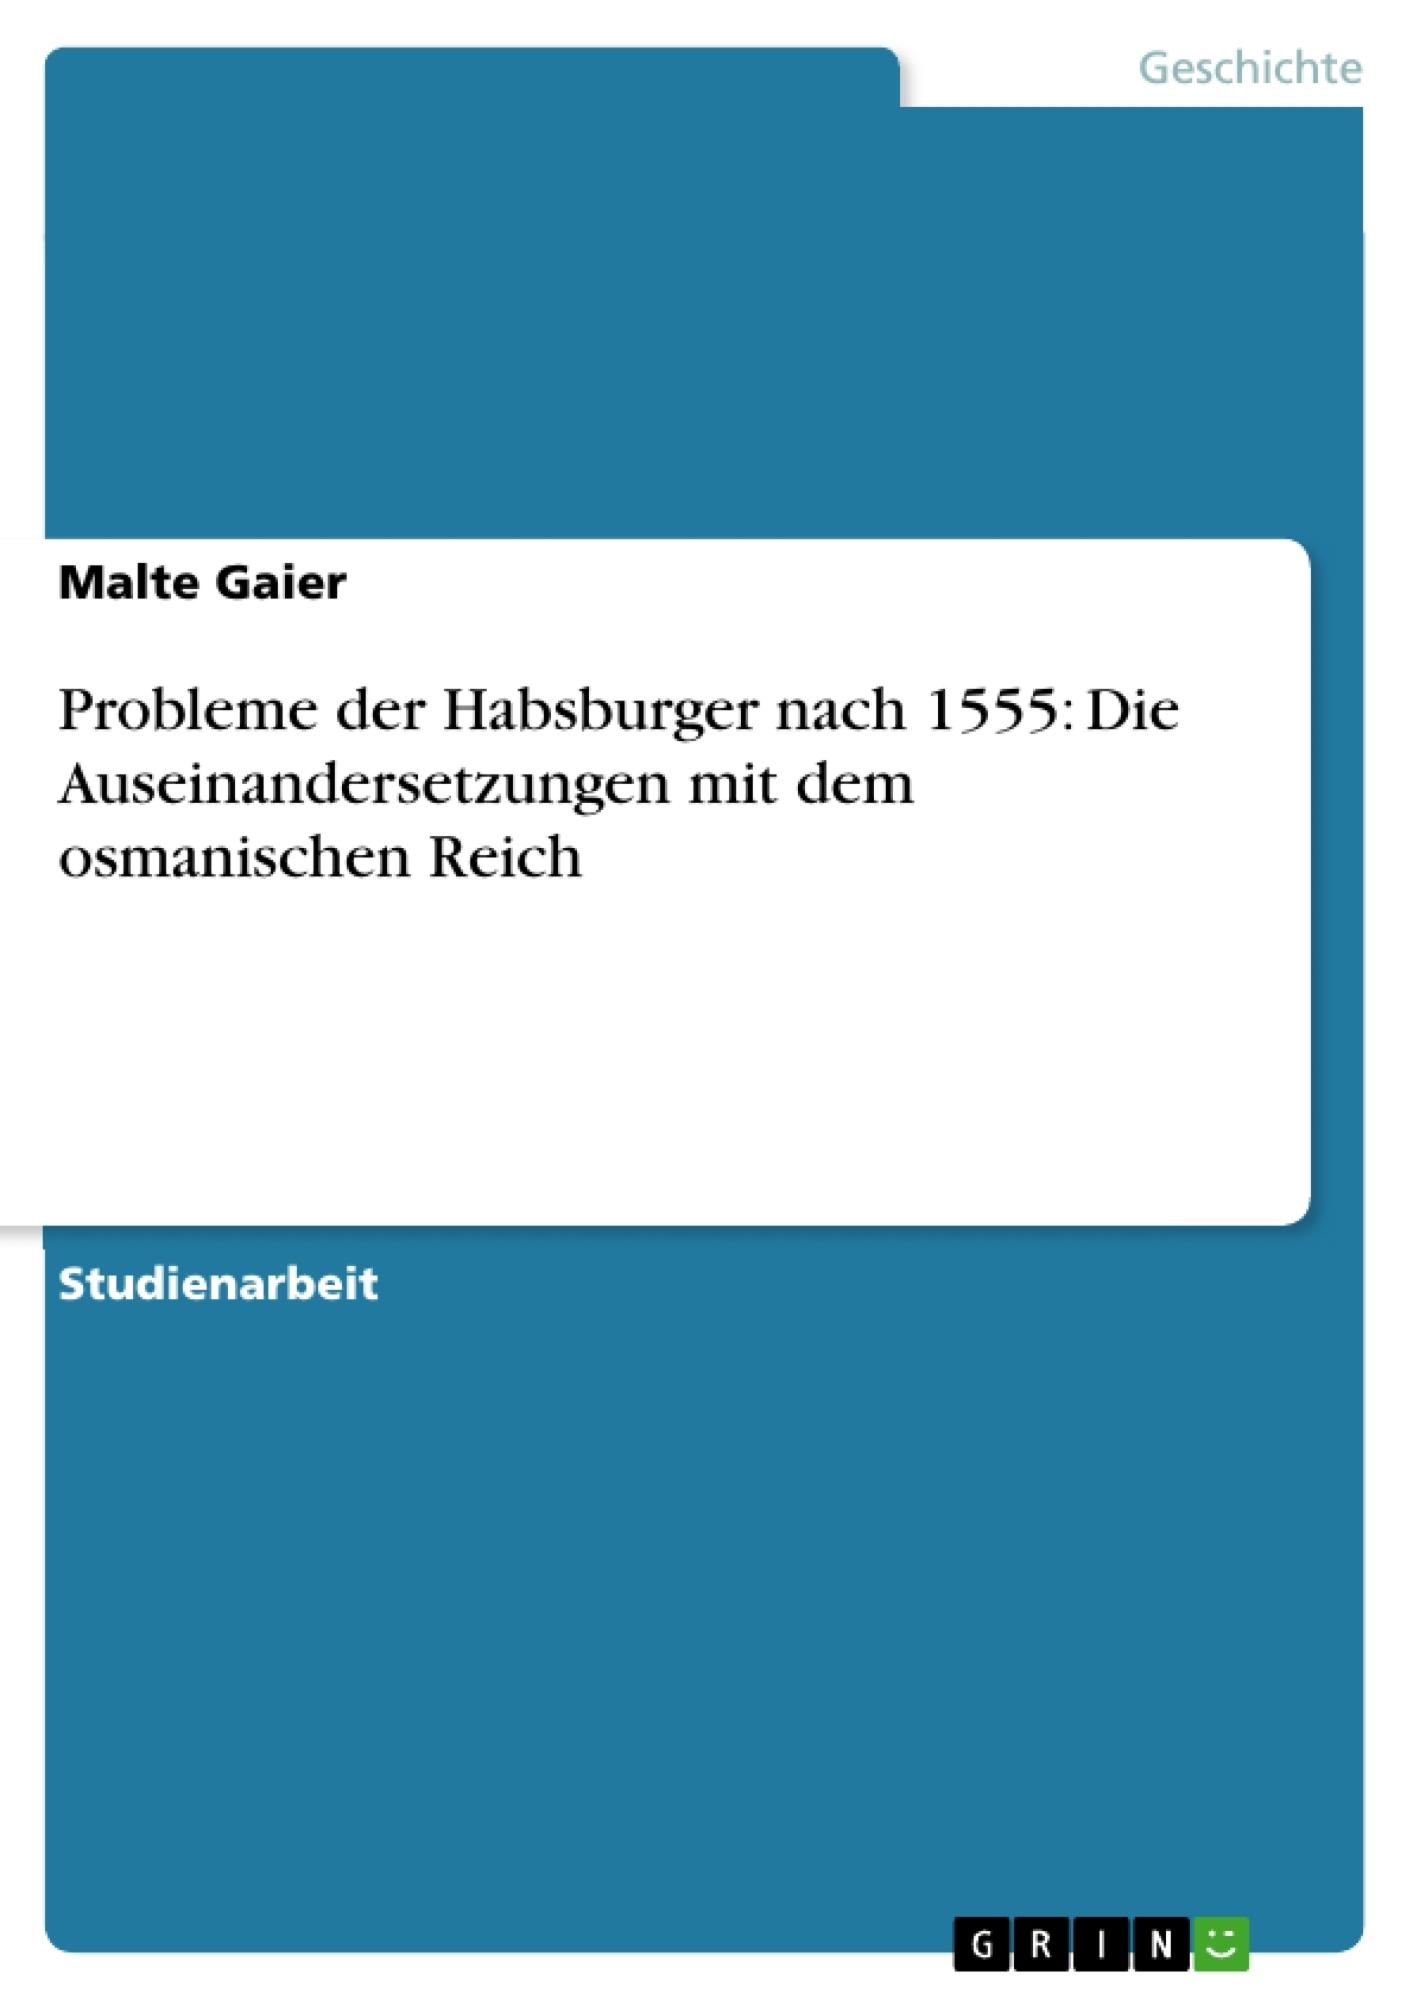 Titel: Probleme der Habsburger nach 1555: Die Auseinandersetzungen mit dem osmanischen Reich